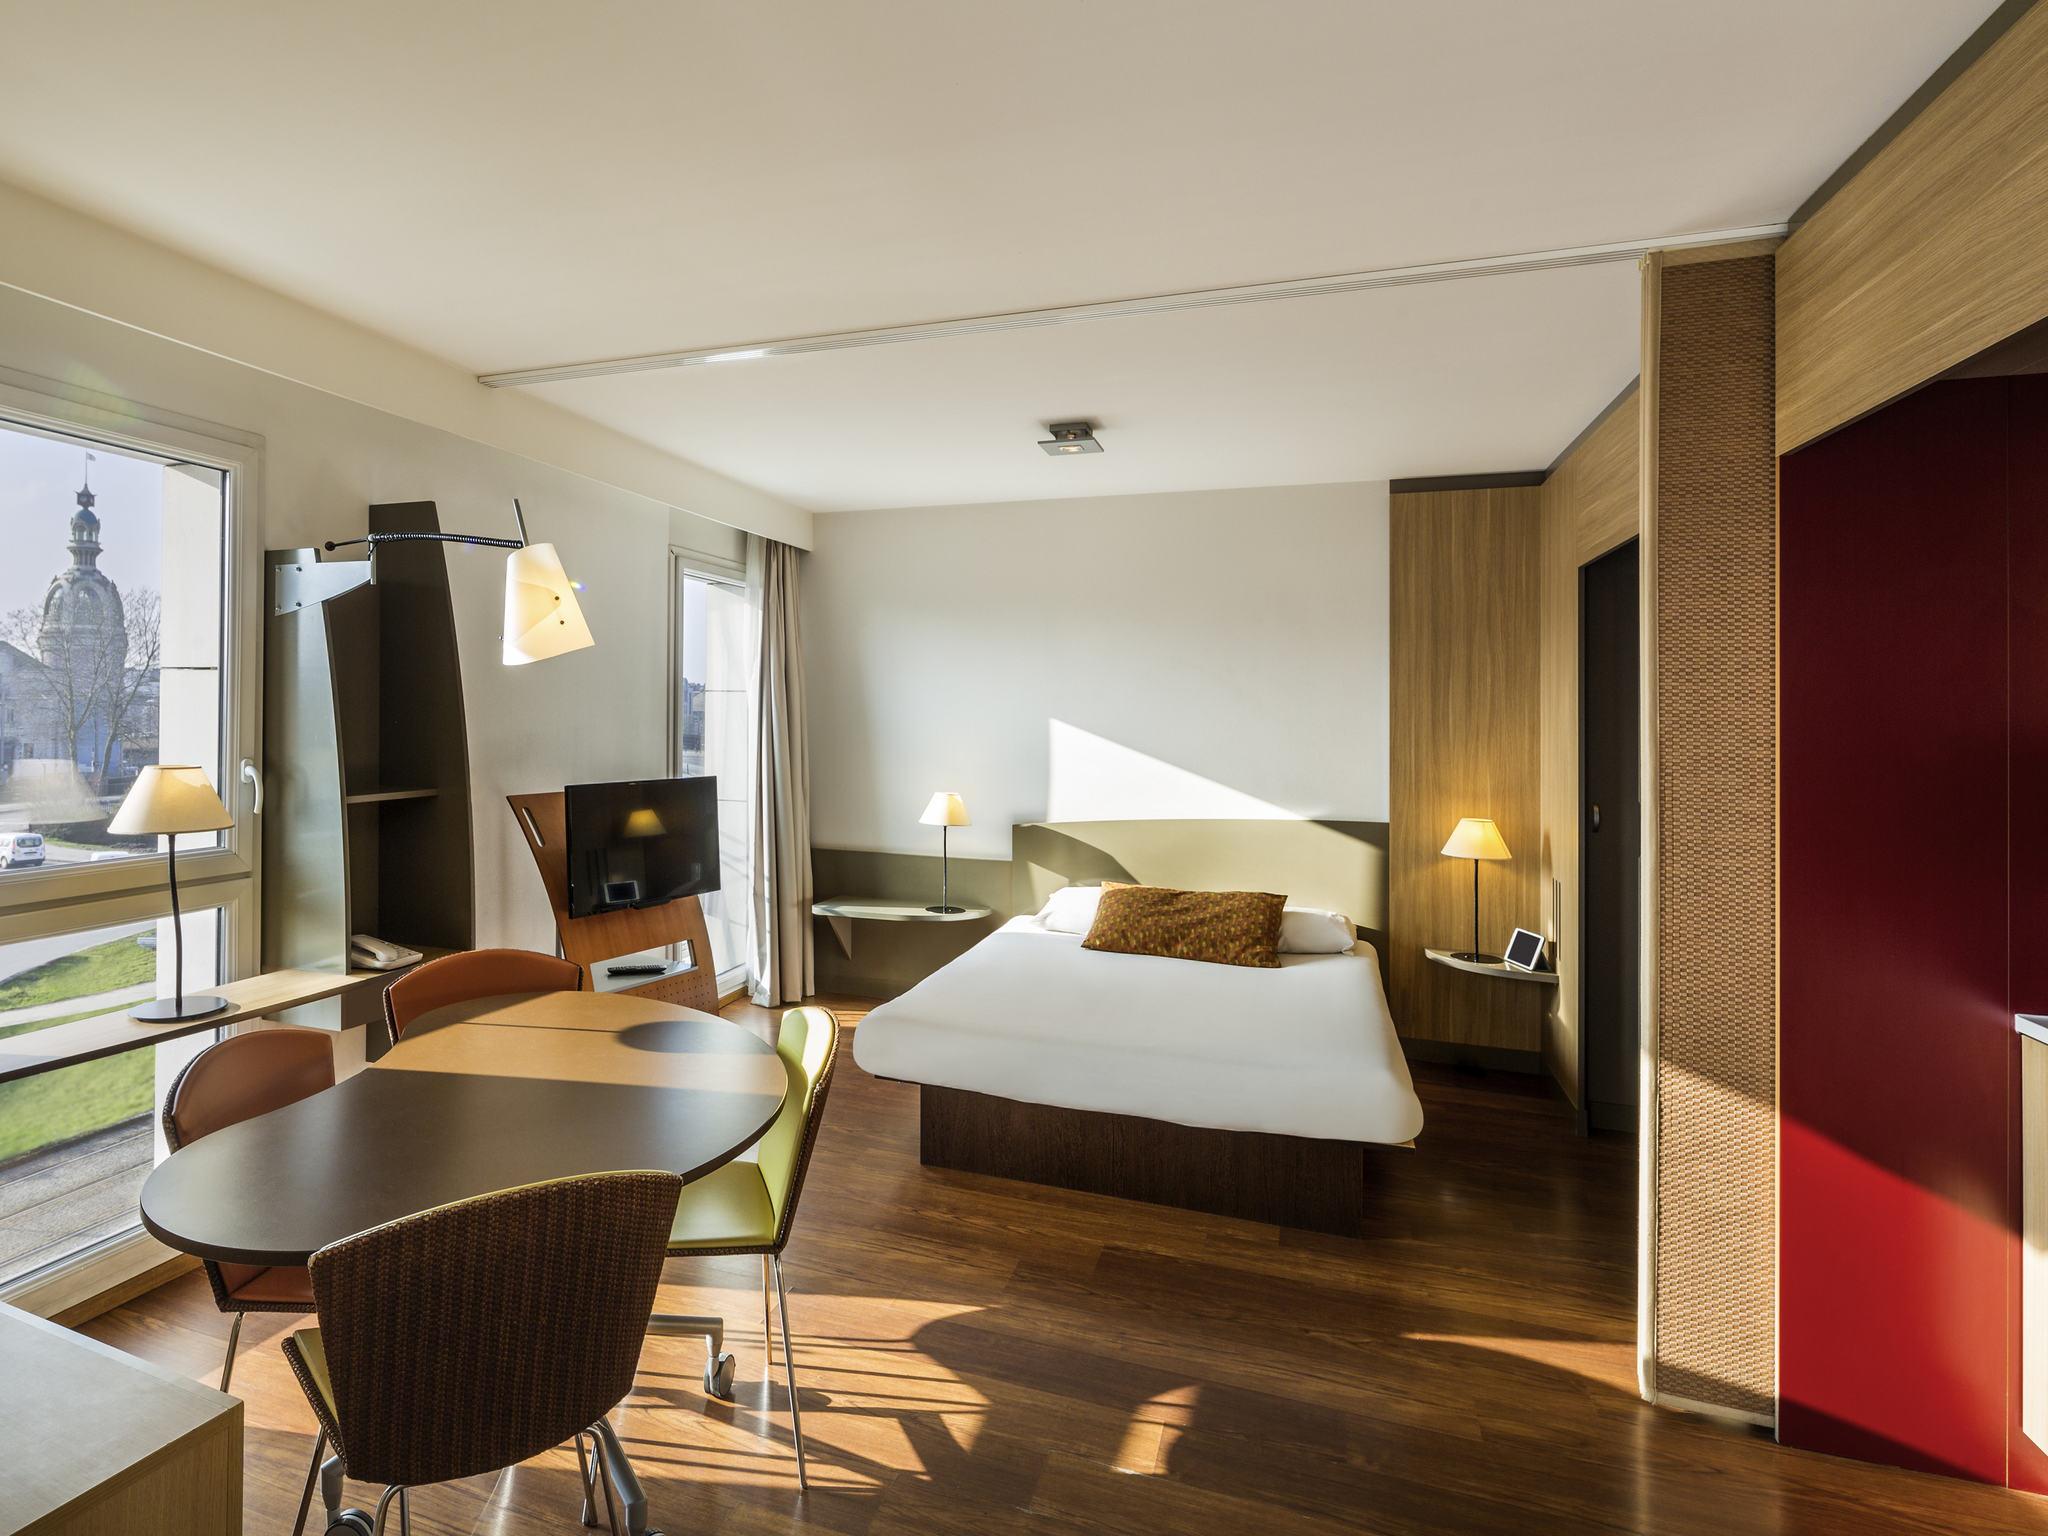 H tel nantes aparthotel adagio nantes centre for Reservation hotel adagio